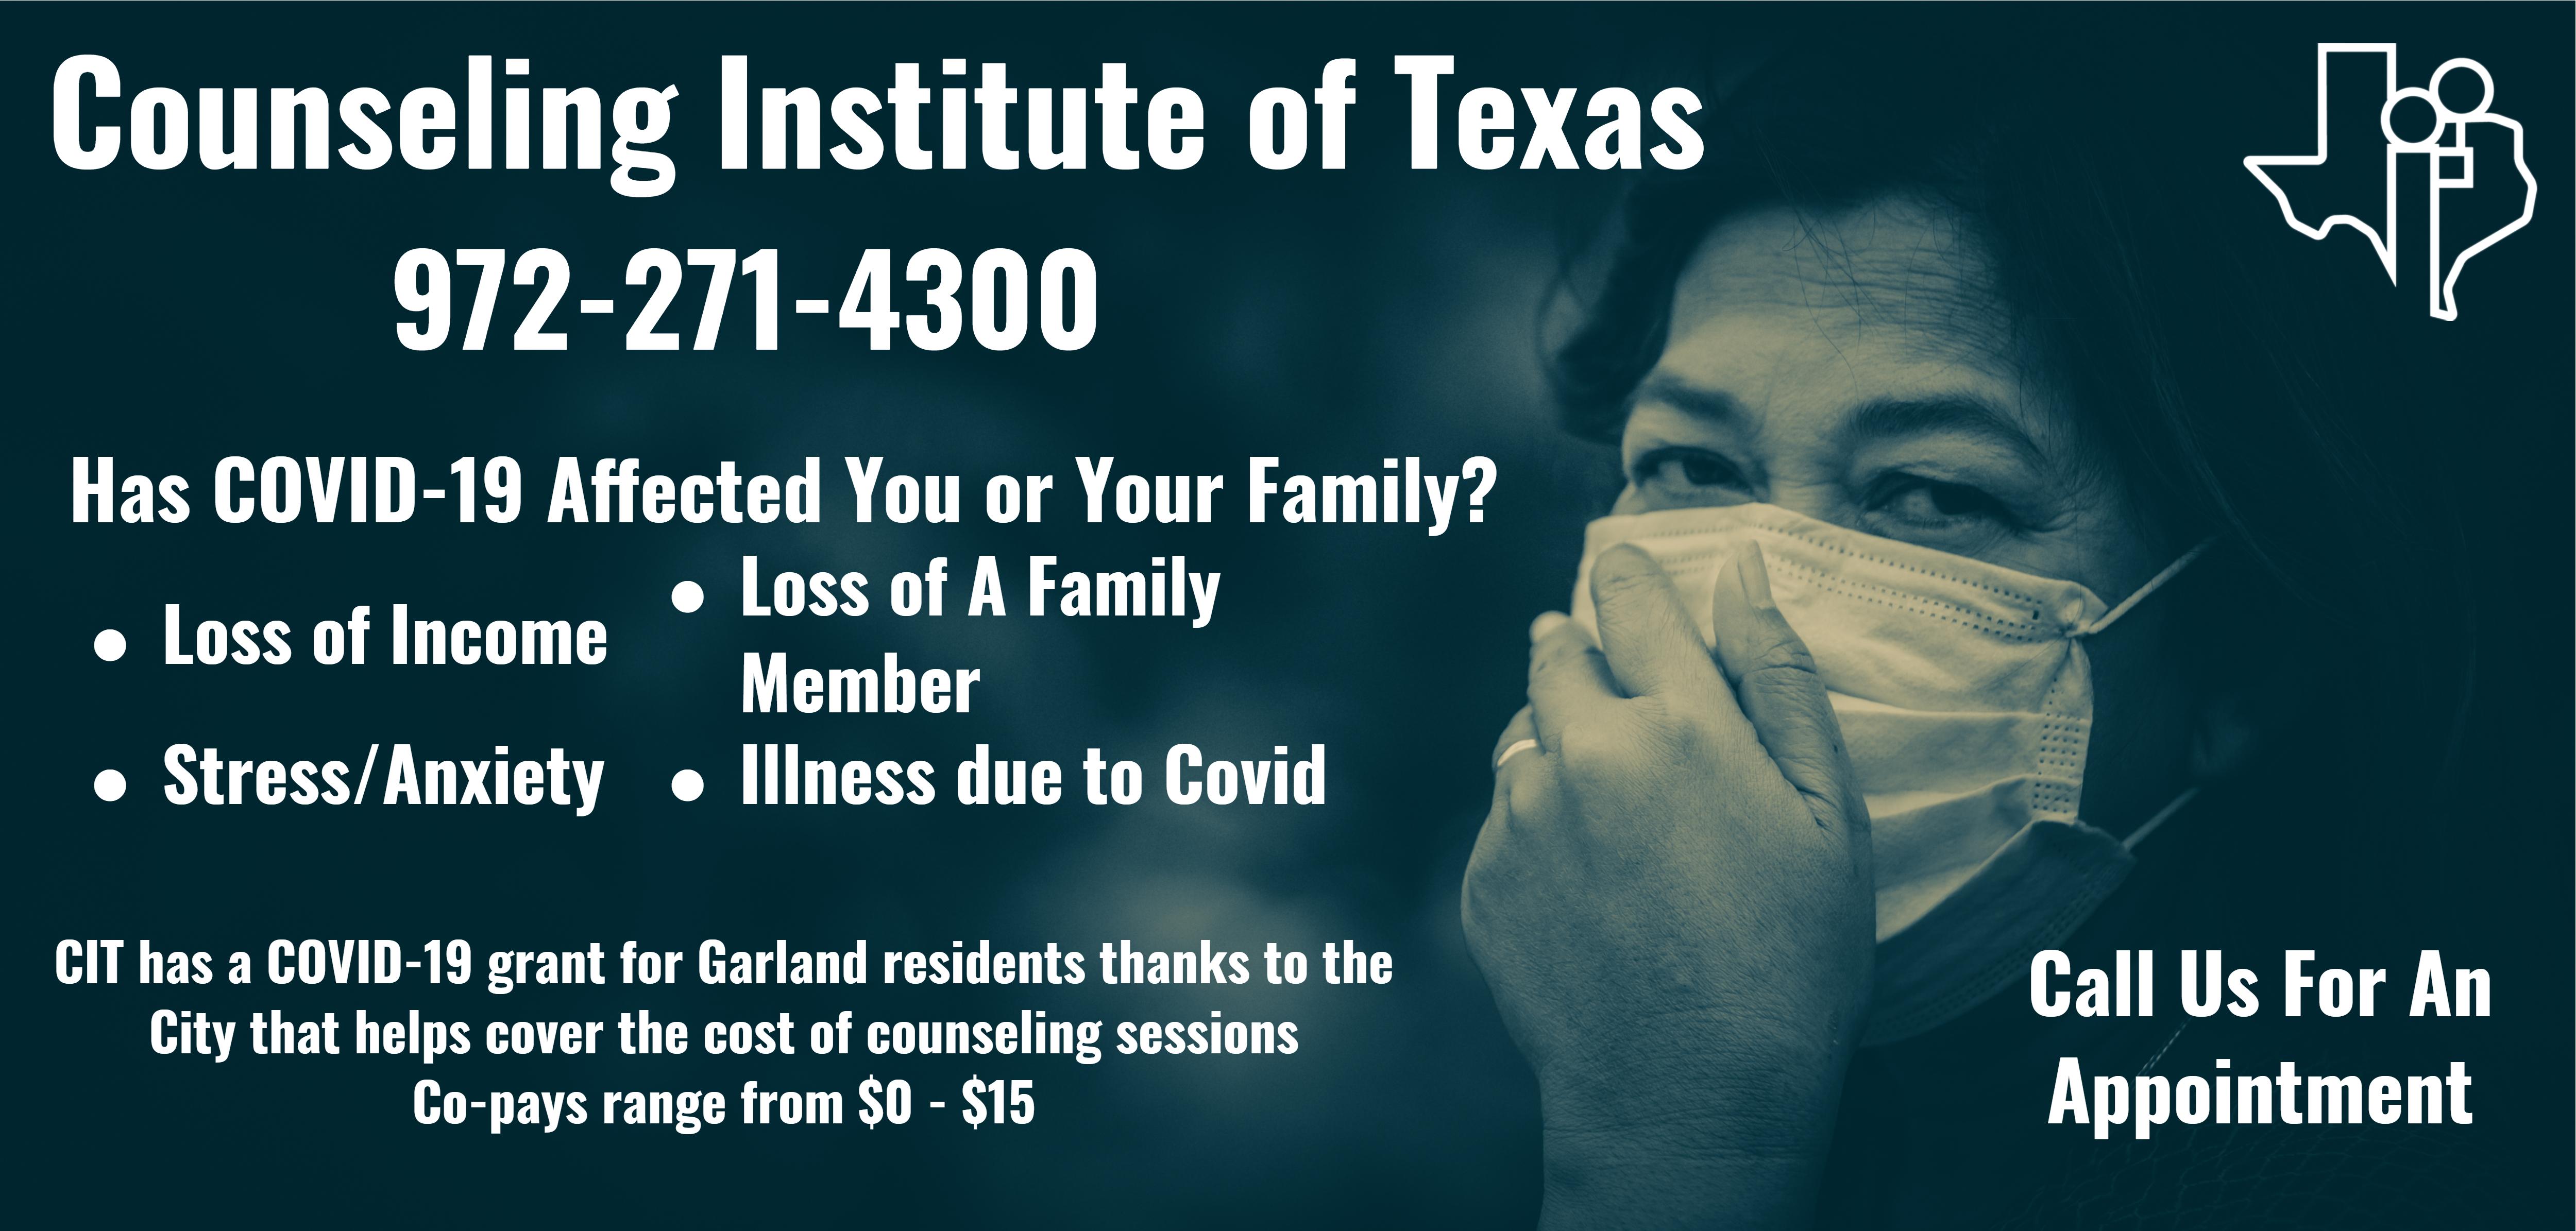 COVID-19 grant